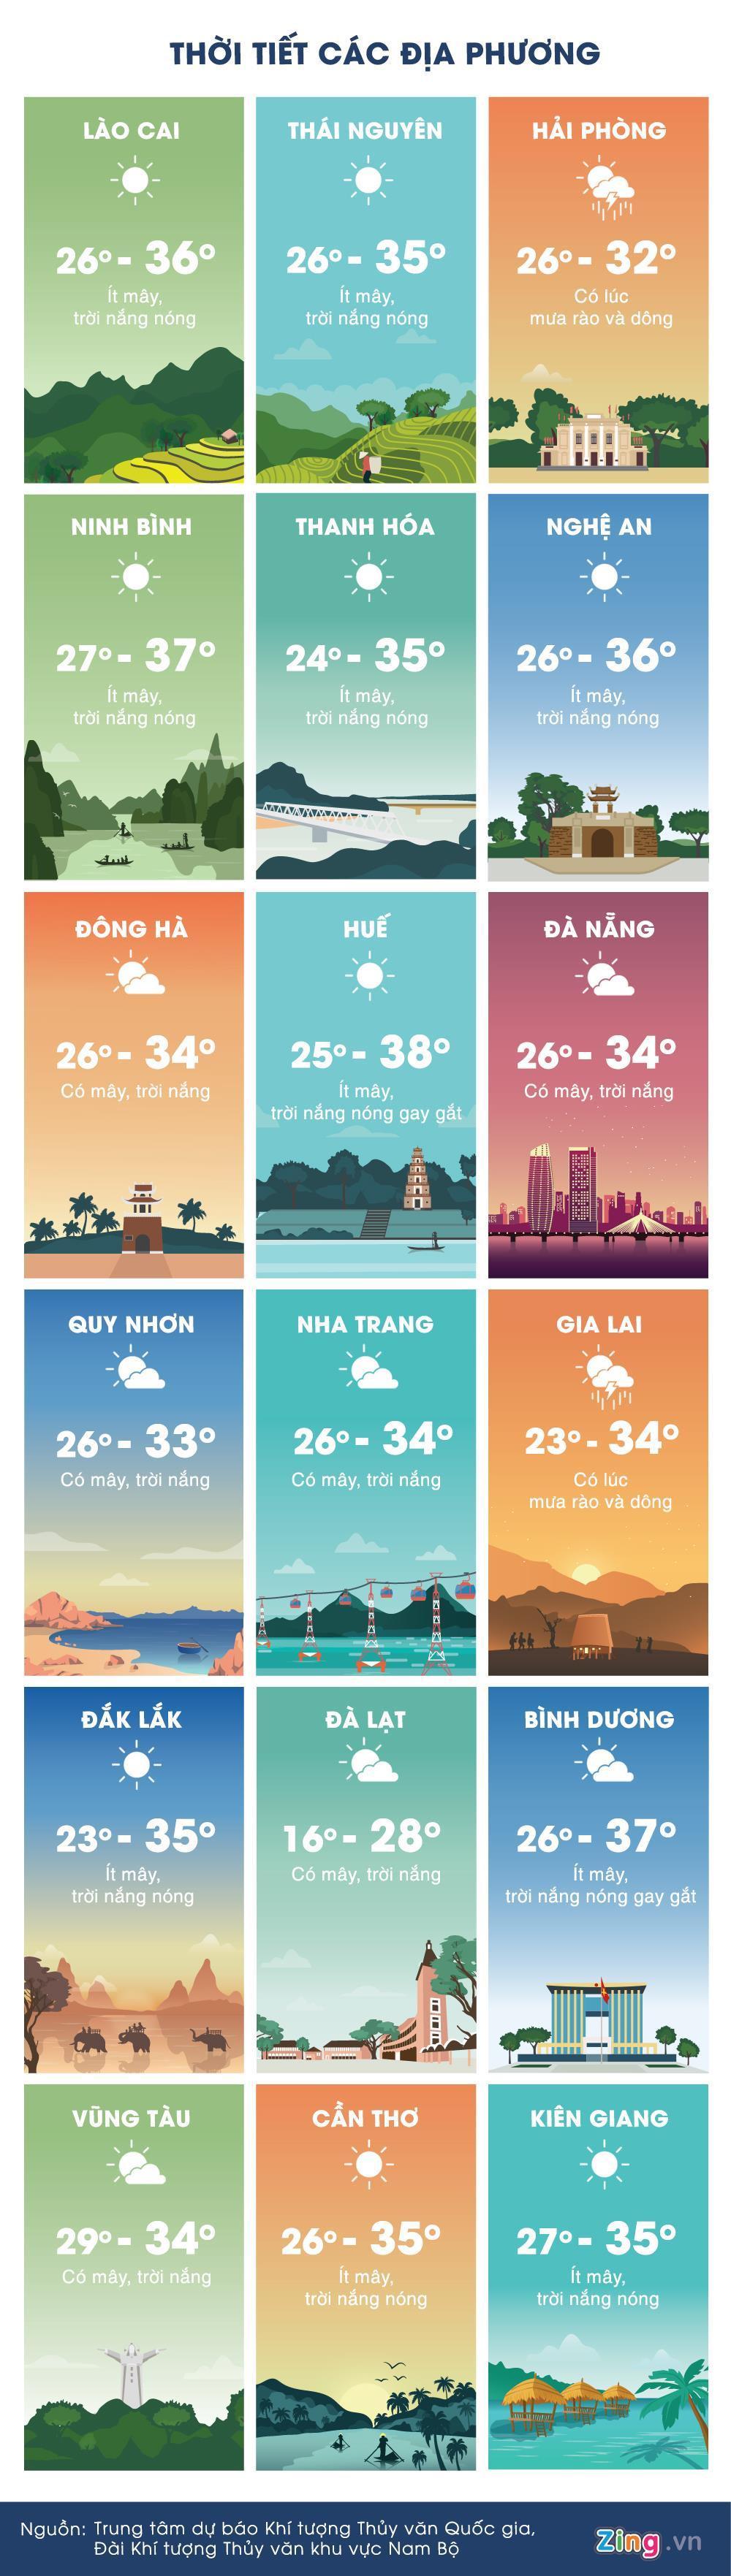 Thời tiết ngày 24/4: Nắng nóng gia tăng trở lại, Hà Nội 37 độ C Ảnh 3